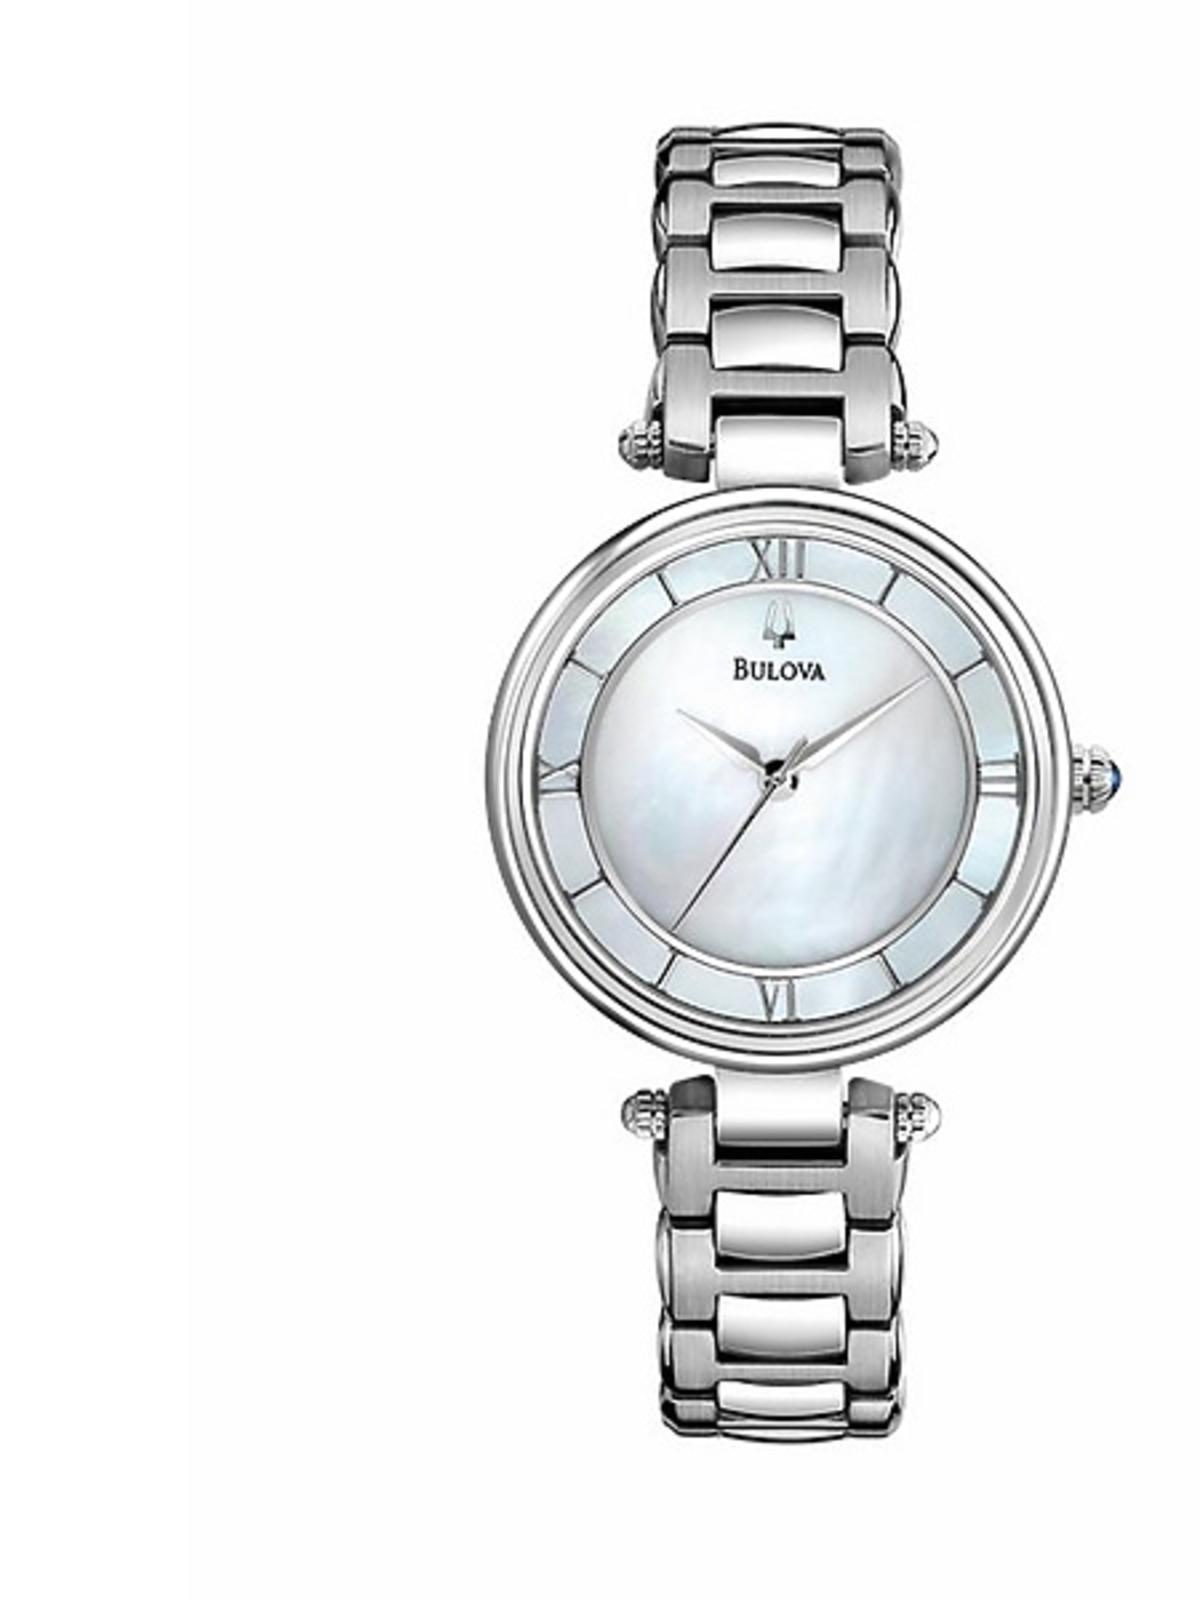 Zegarek Bulova, cena